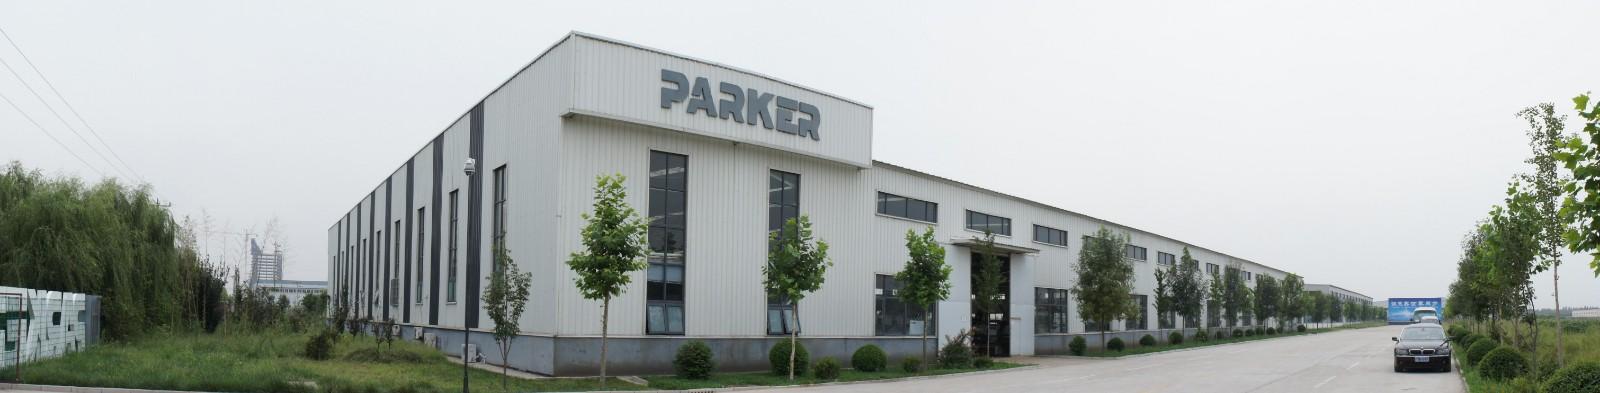 factory outlook 2.JPG